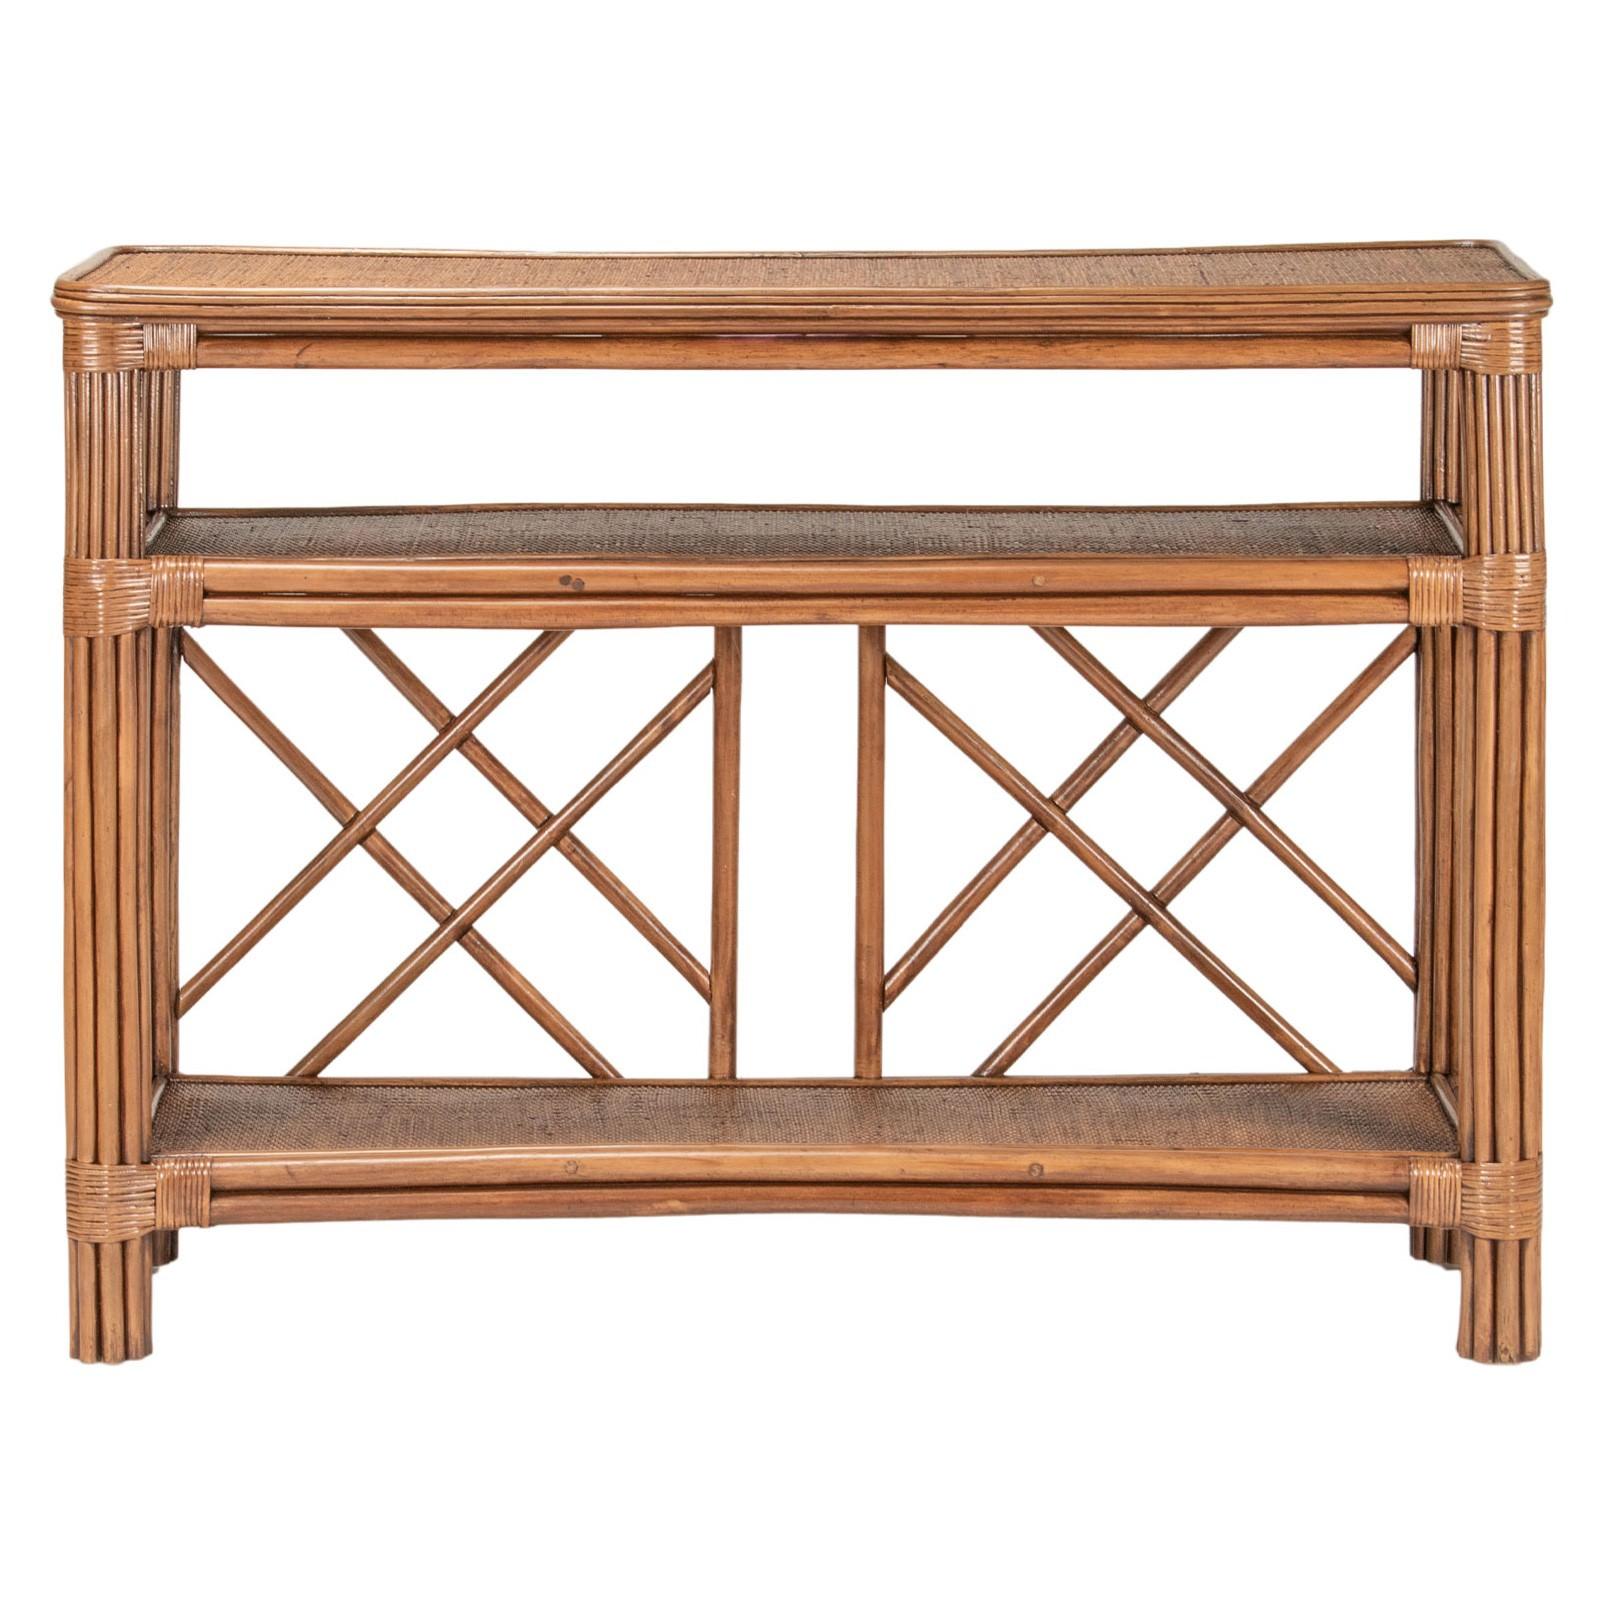 Montego Bay Rattan Hall Table, 120cm